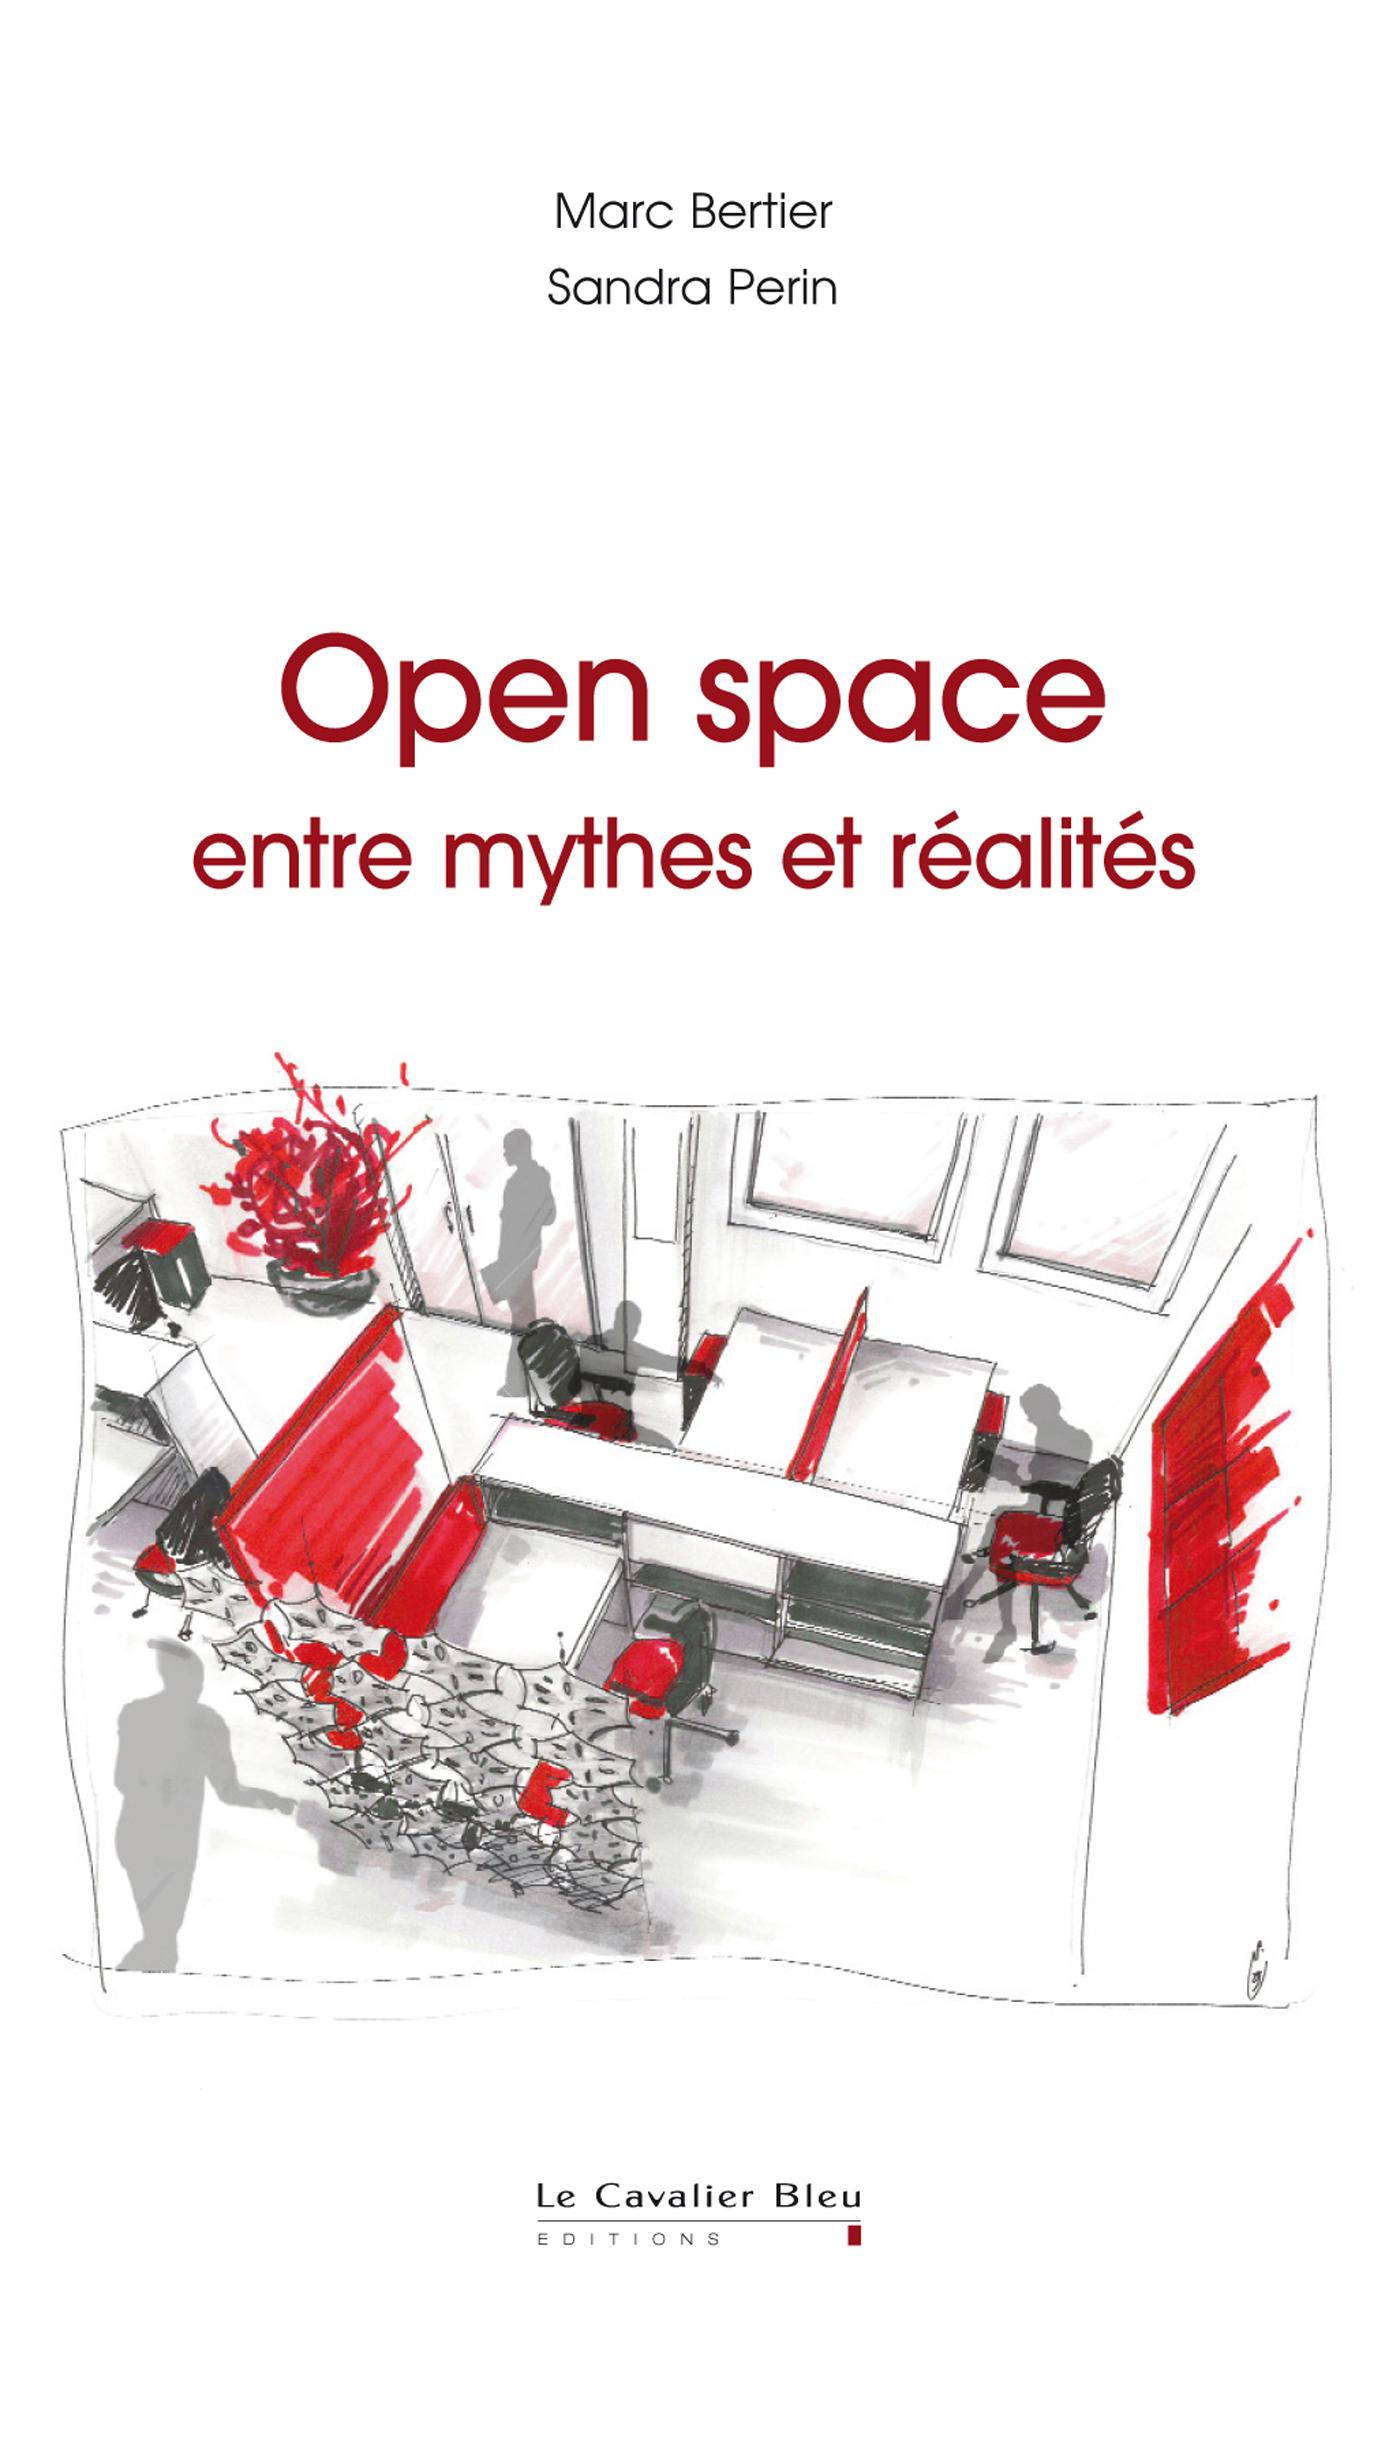 OPEN SPACE - ENTRE MYTHES ET REALITES